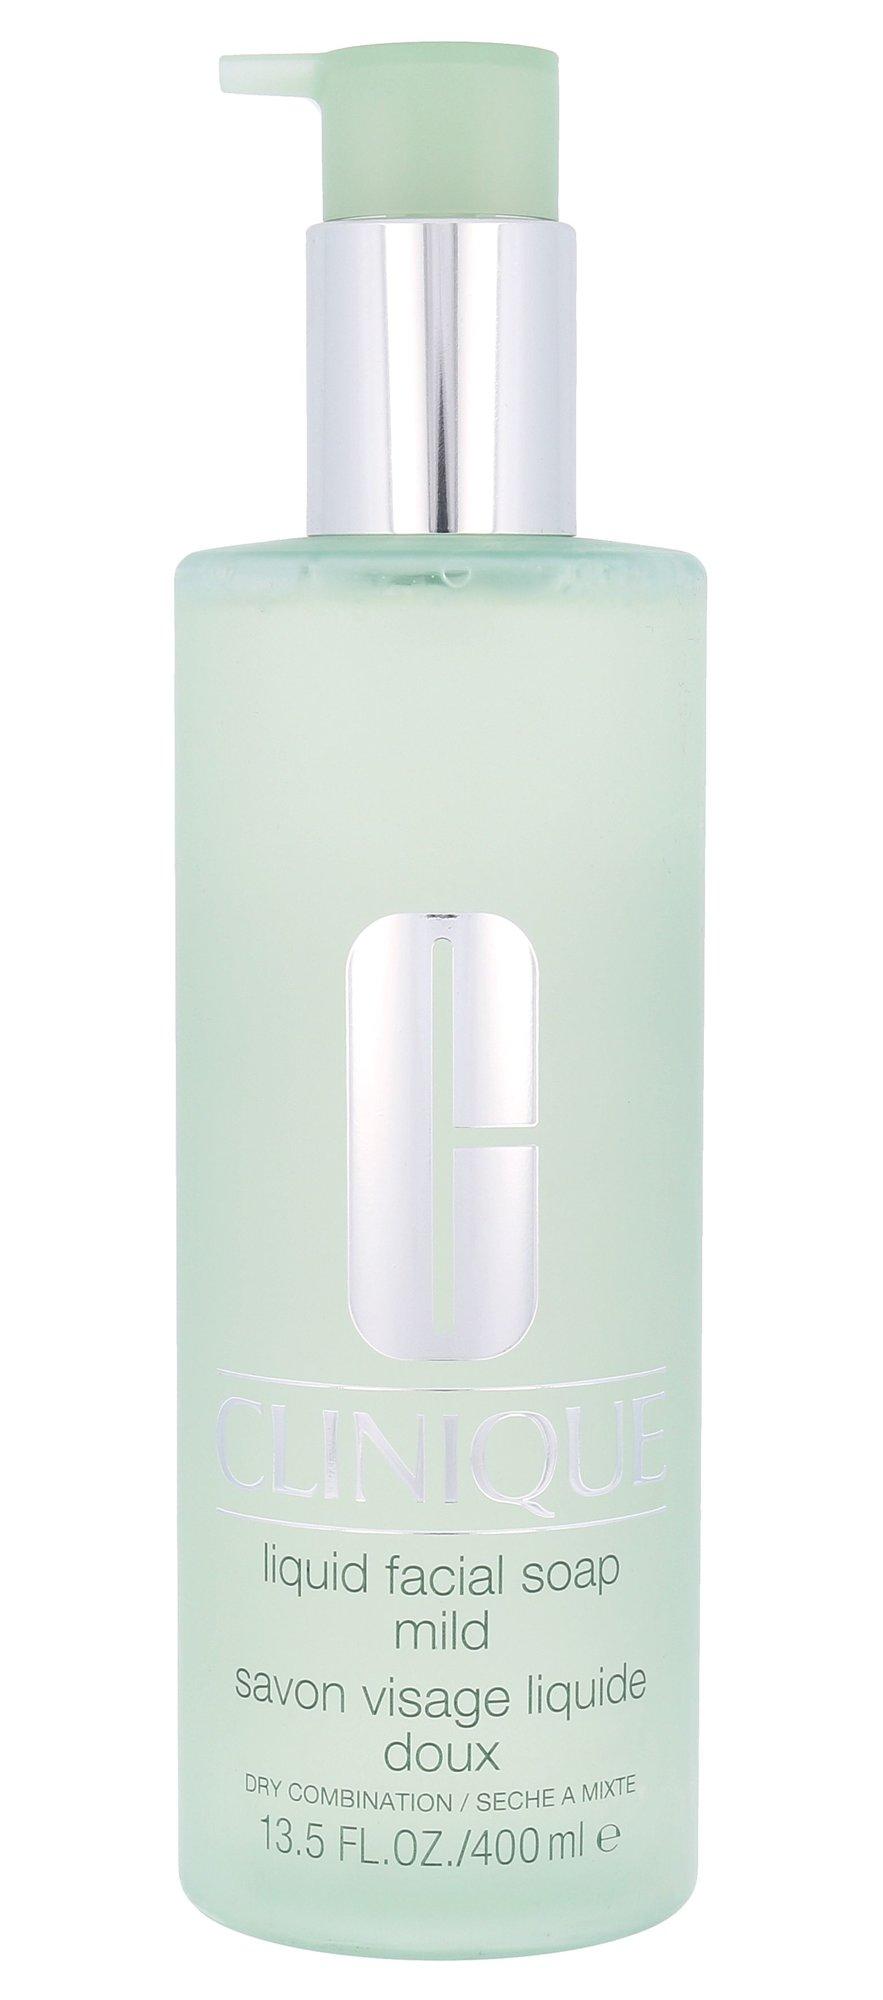 Clinique Liquid Facial Soap Mild Cosmetic 400ml